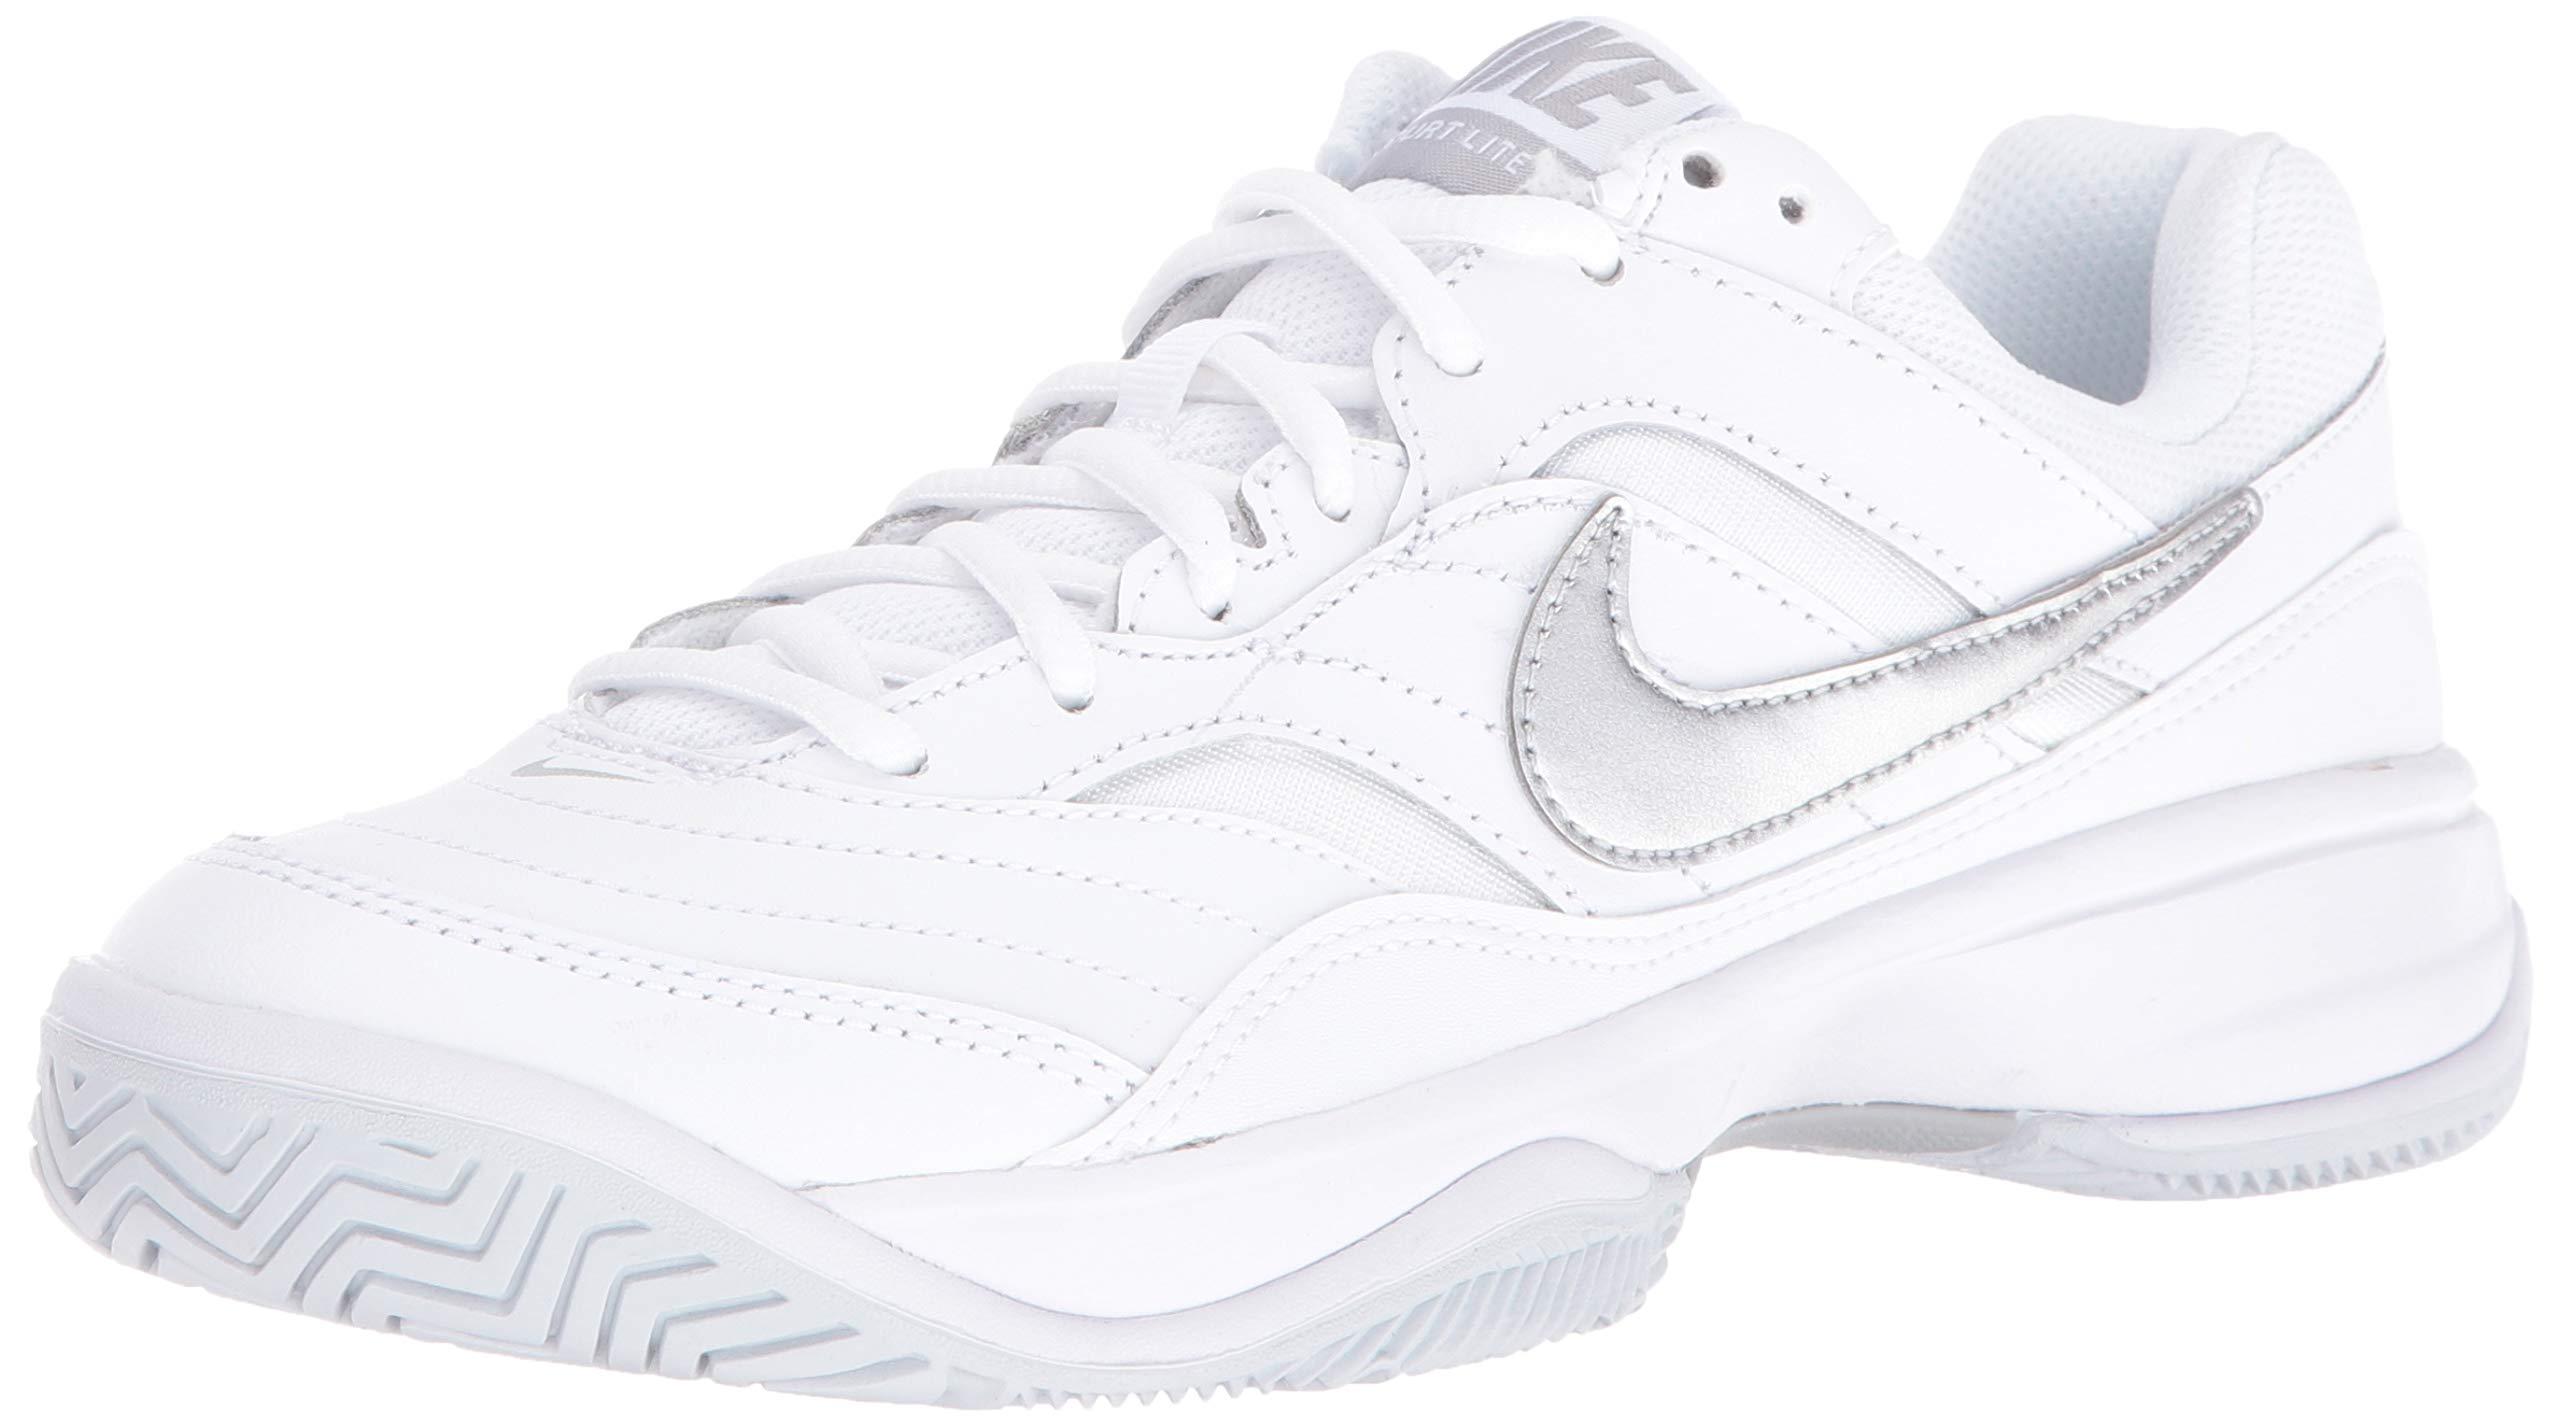 Nike Women's Court Lite Tennis Shoe, White/Metallic Silver/Medium Grey, 5 Regular US